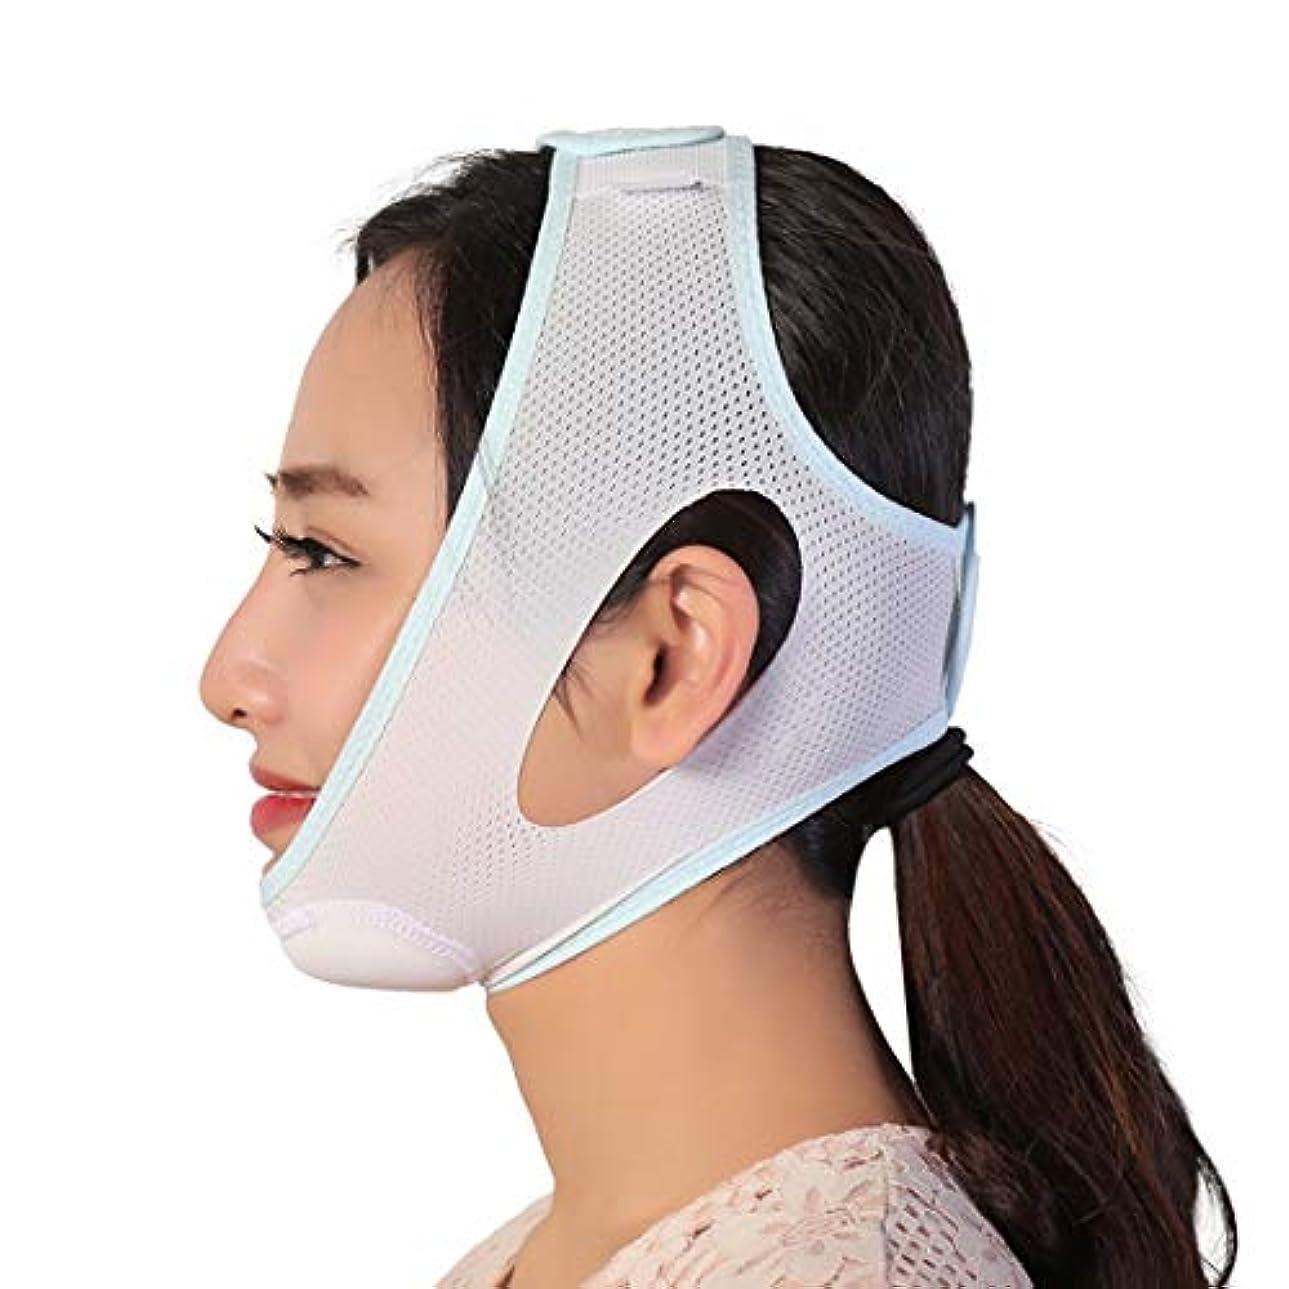 ウサギ震え明るいZWBD フェイスマスク, 顔を持ち上げる包帯マスク包帯小v顔整形マスクフェイスリフトステッカーに法線二重あご線術後矯正ベルト (Size : L)